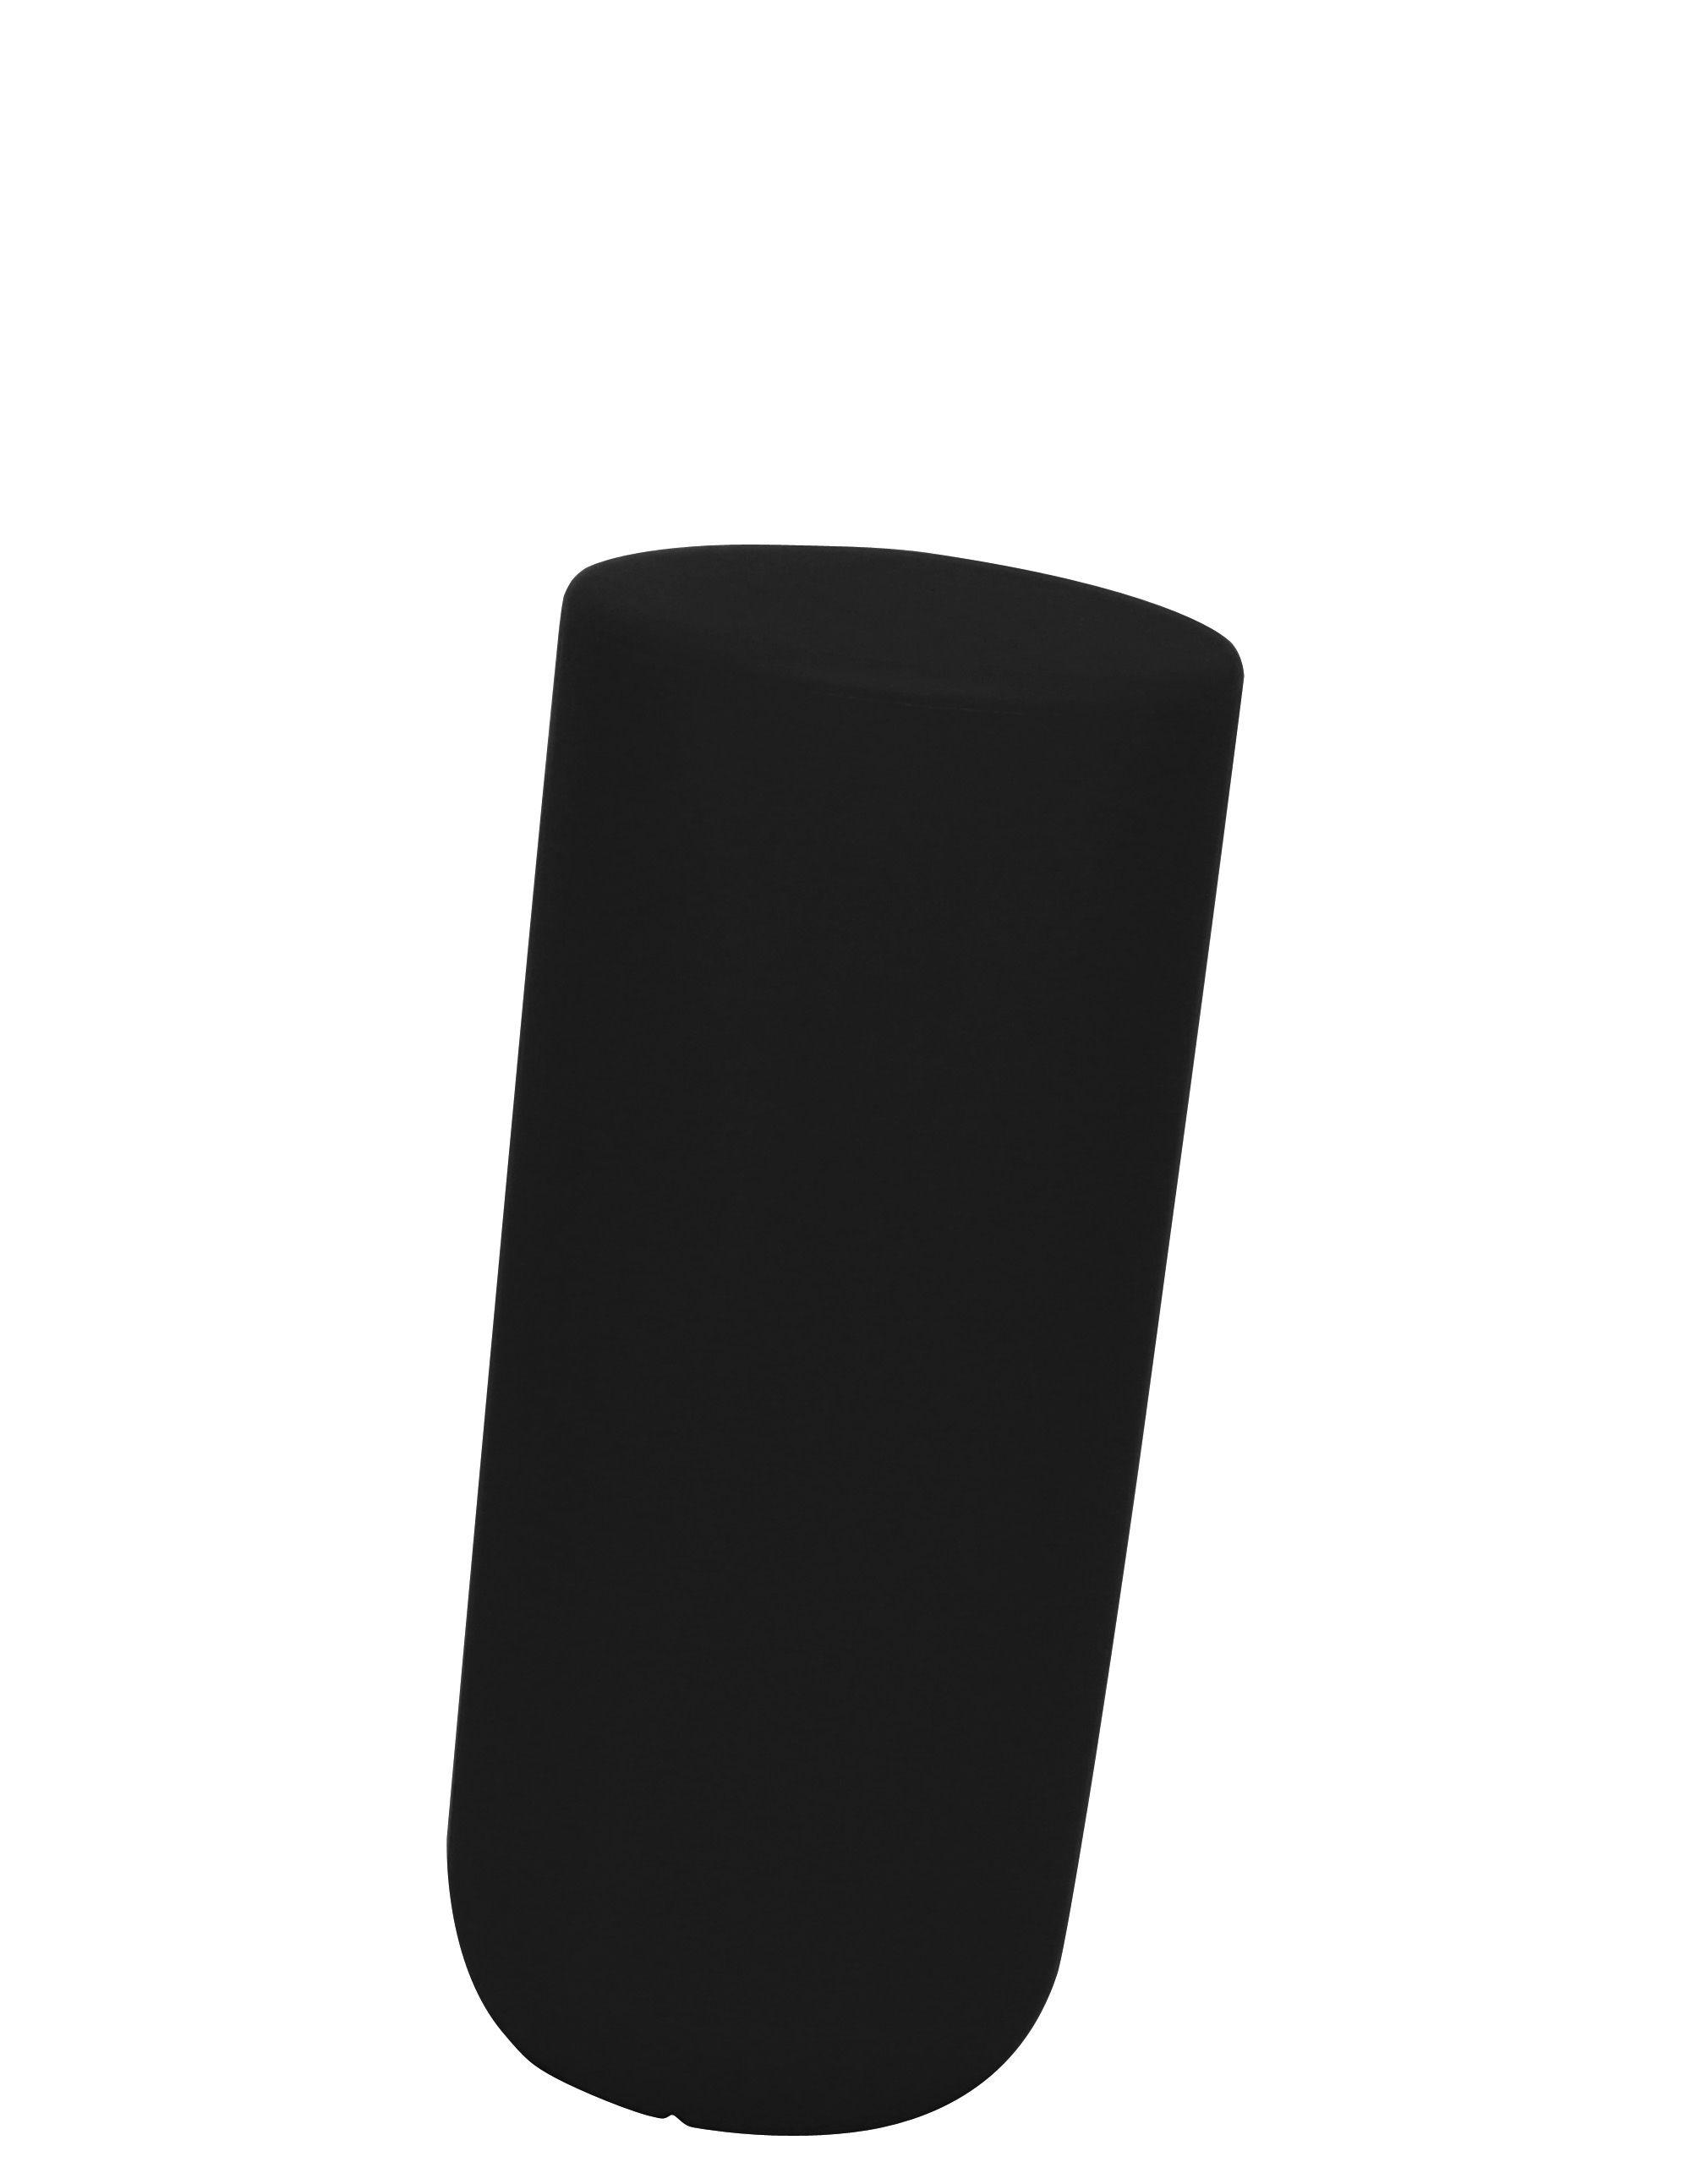 Möbel - Möbel für Teens - Sway Hocker H 50 cm - Thelermont Hupton - Schwarz - Polyäthylen